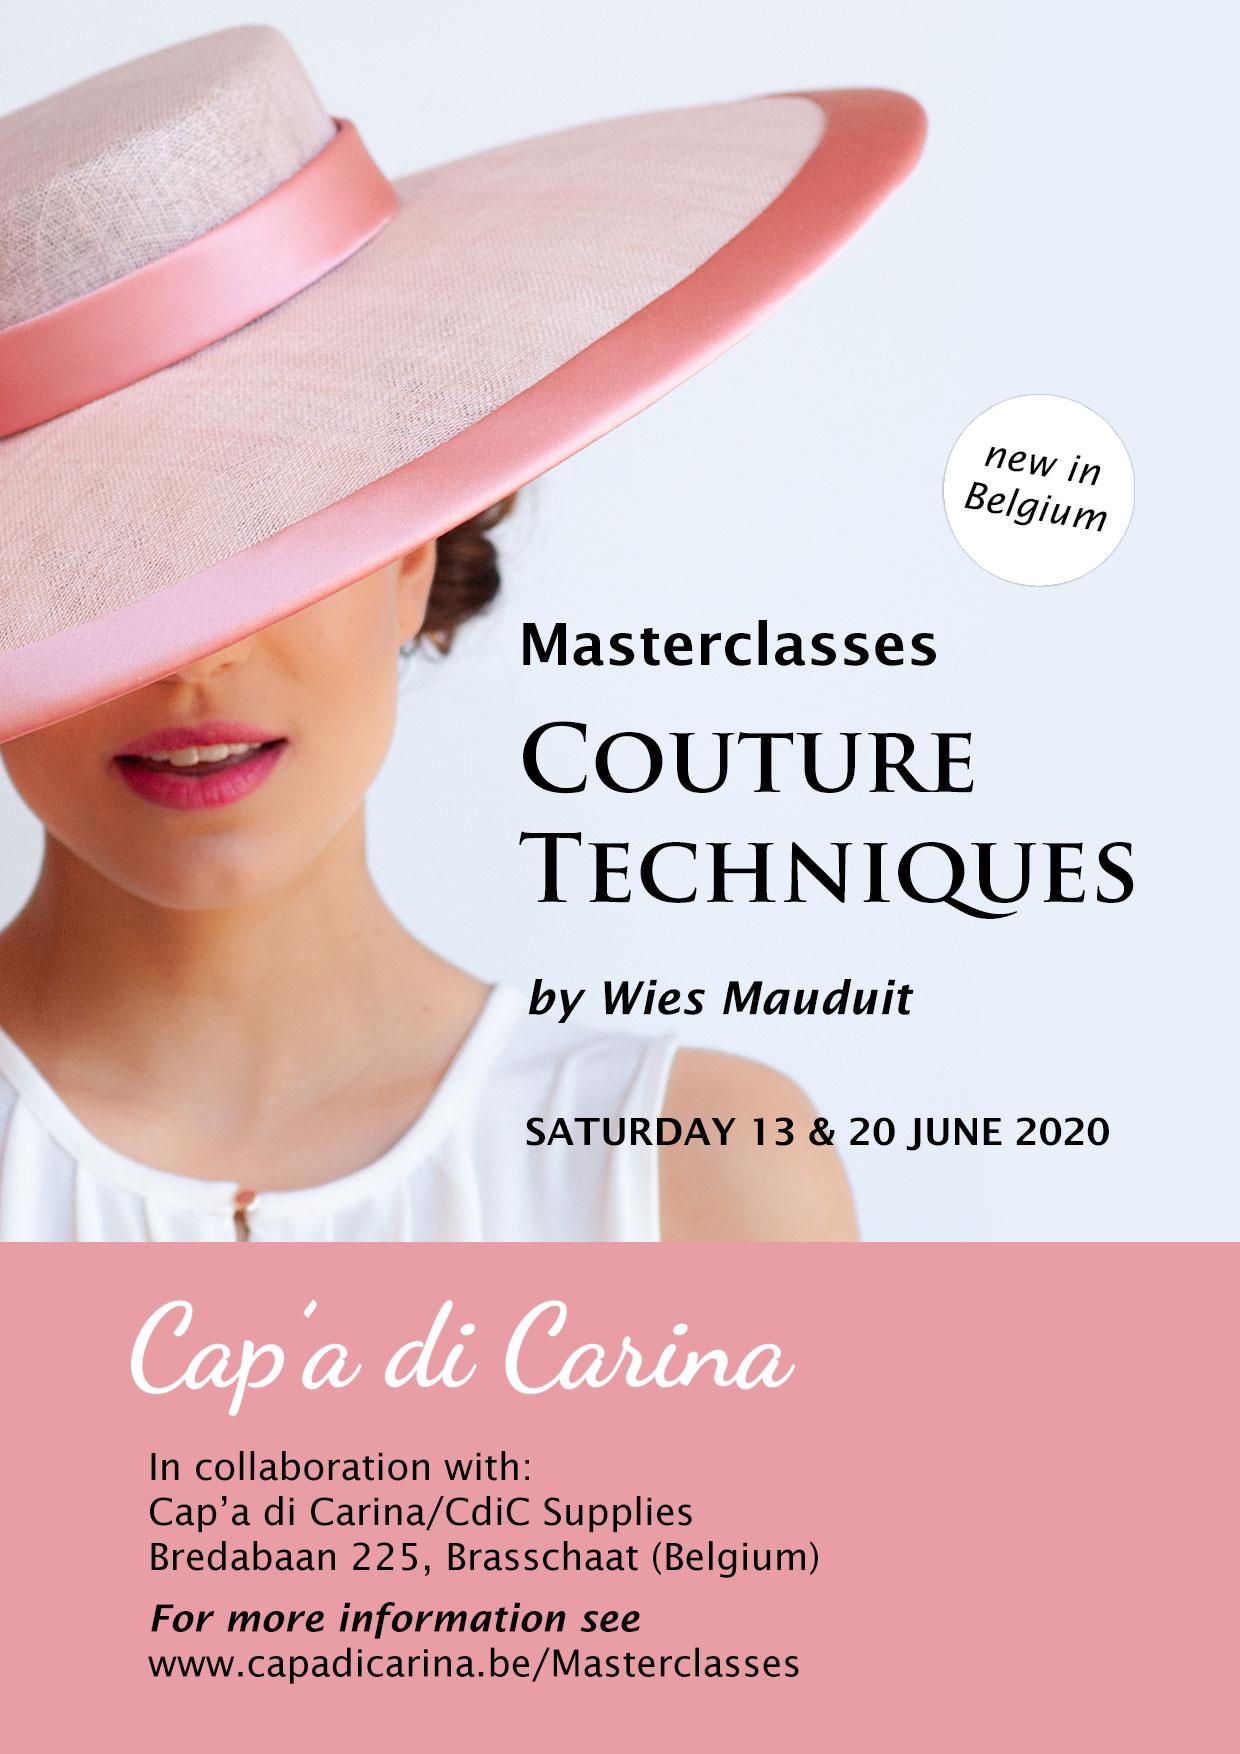 Masterclasses Couture Techniques